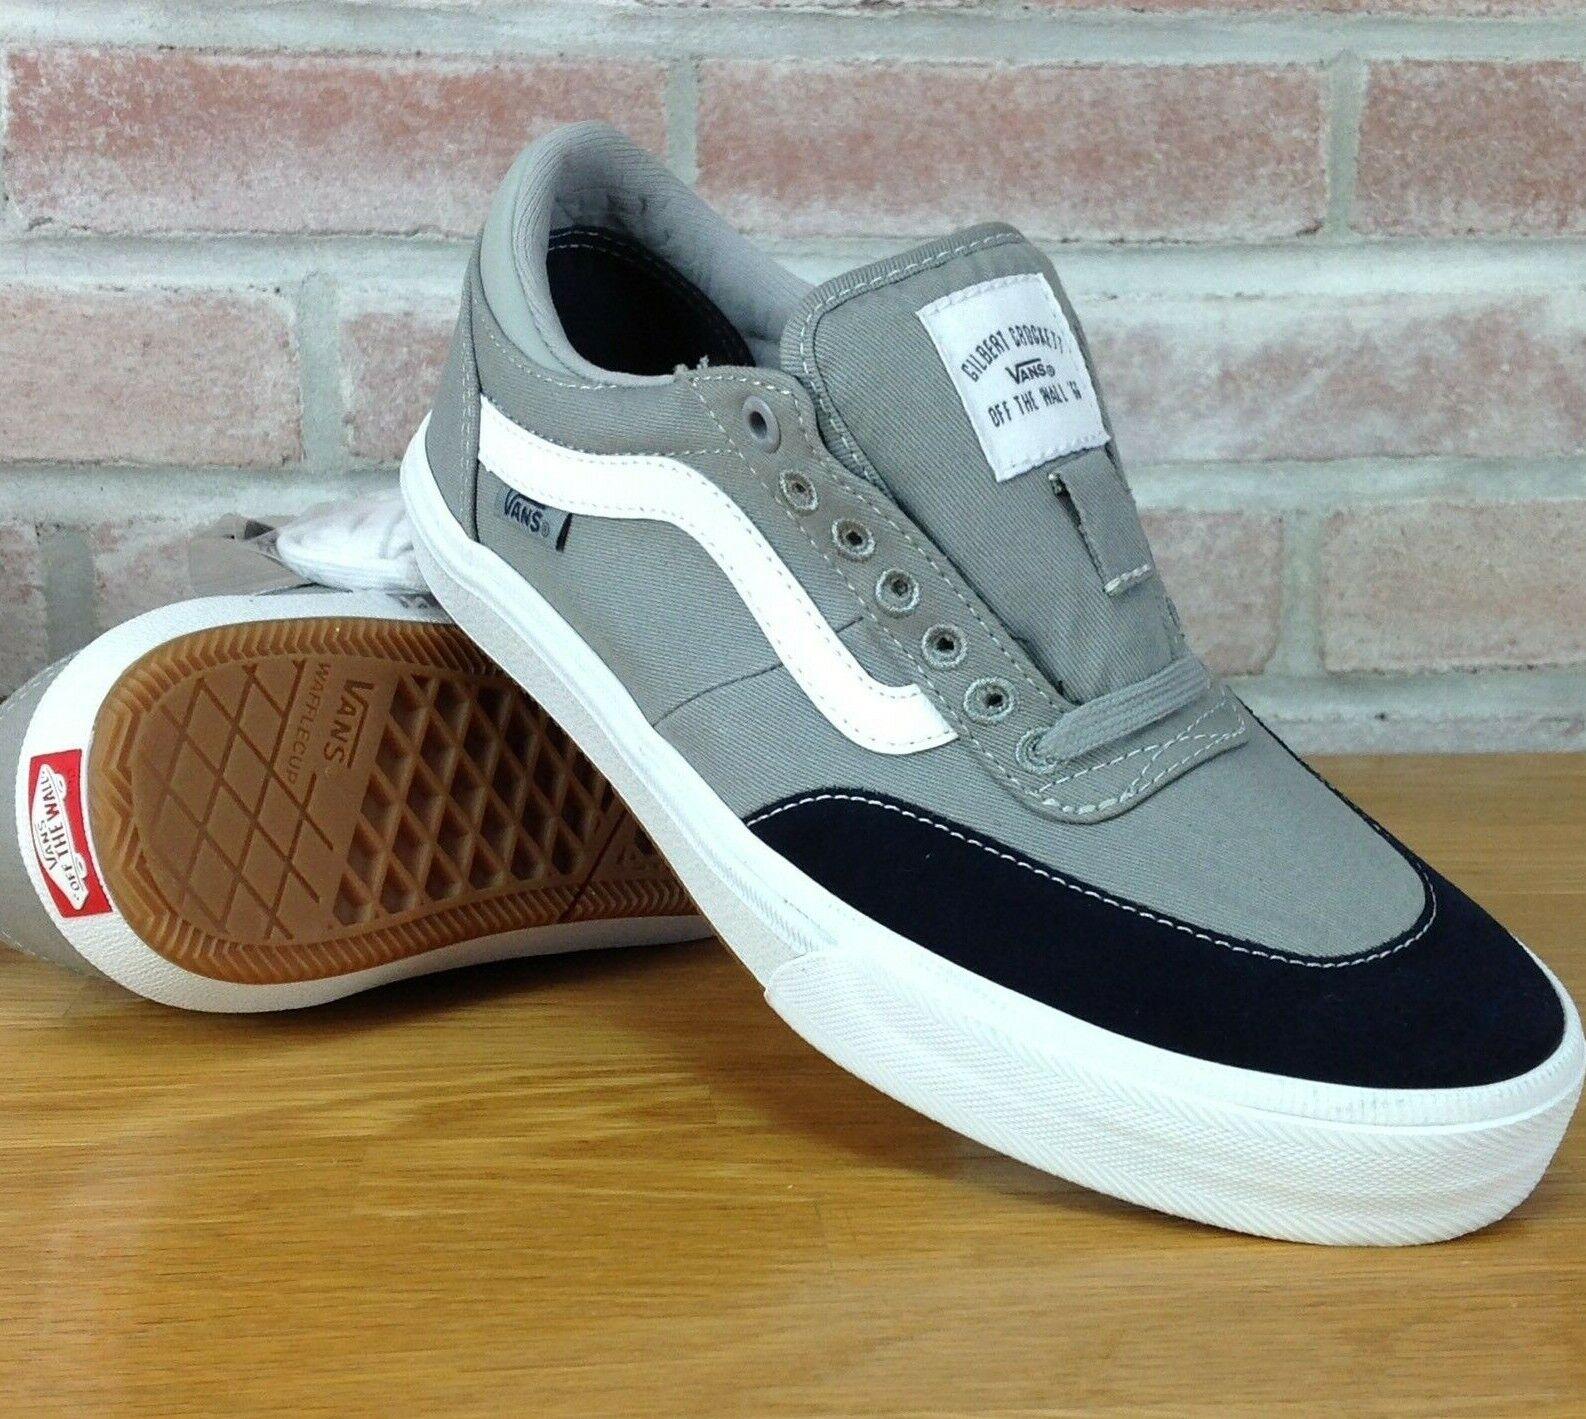 Vans Gilbert Crockett Skate Shoes Mens Sz 7 5 Gray Blue